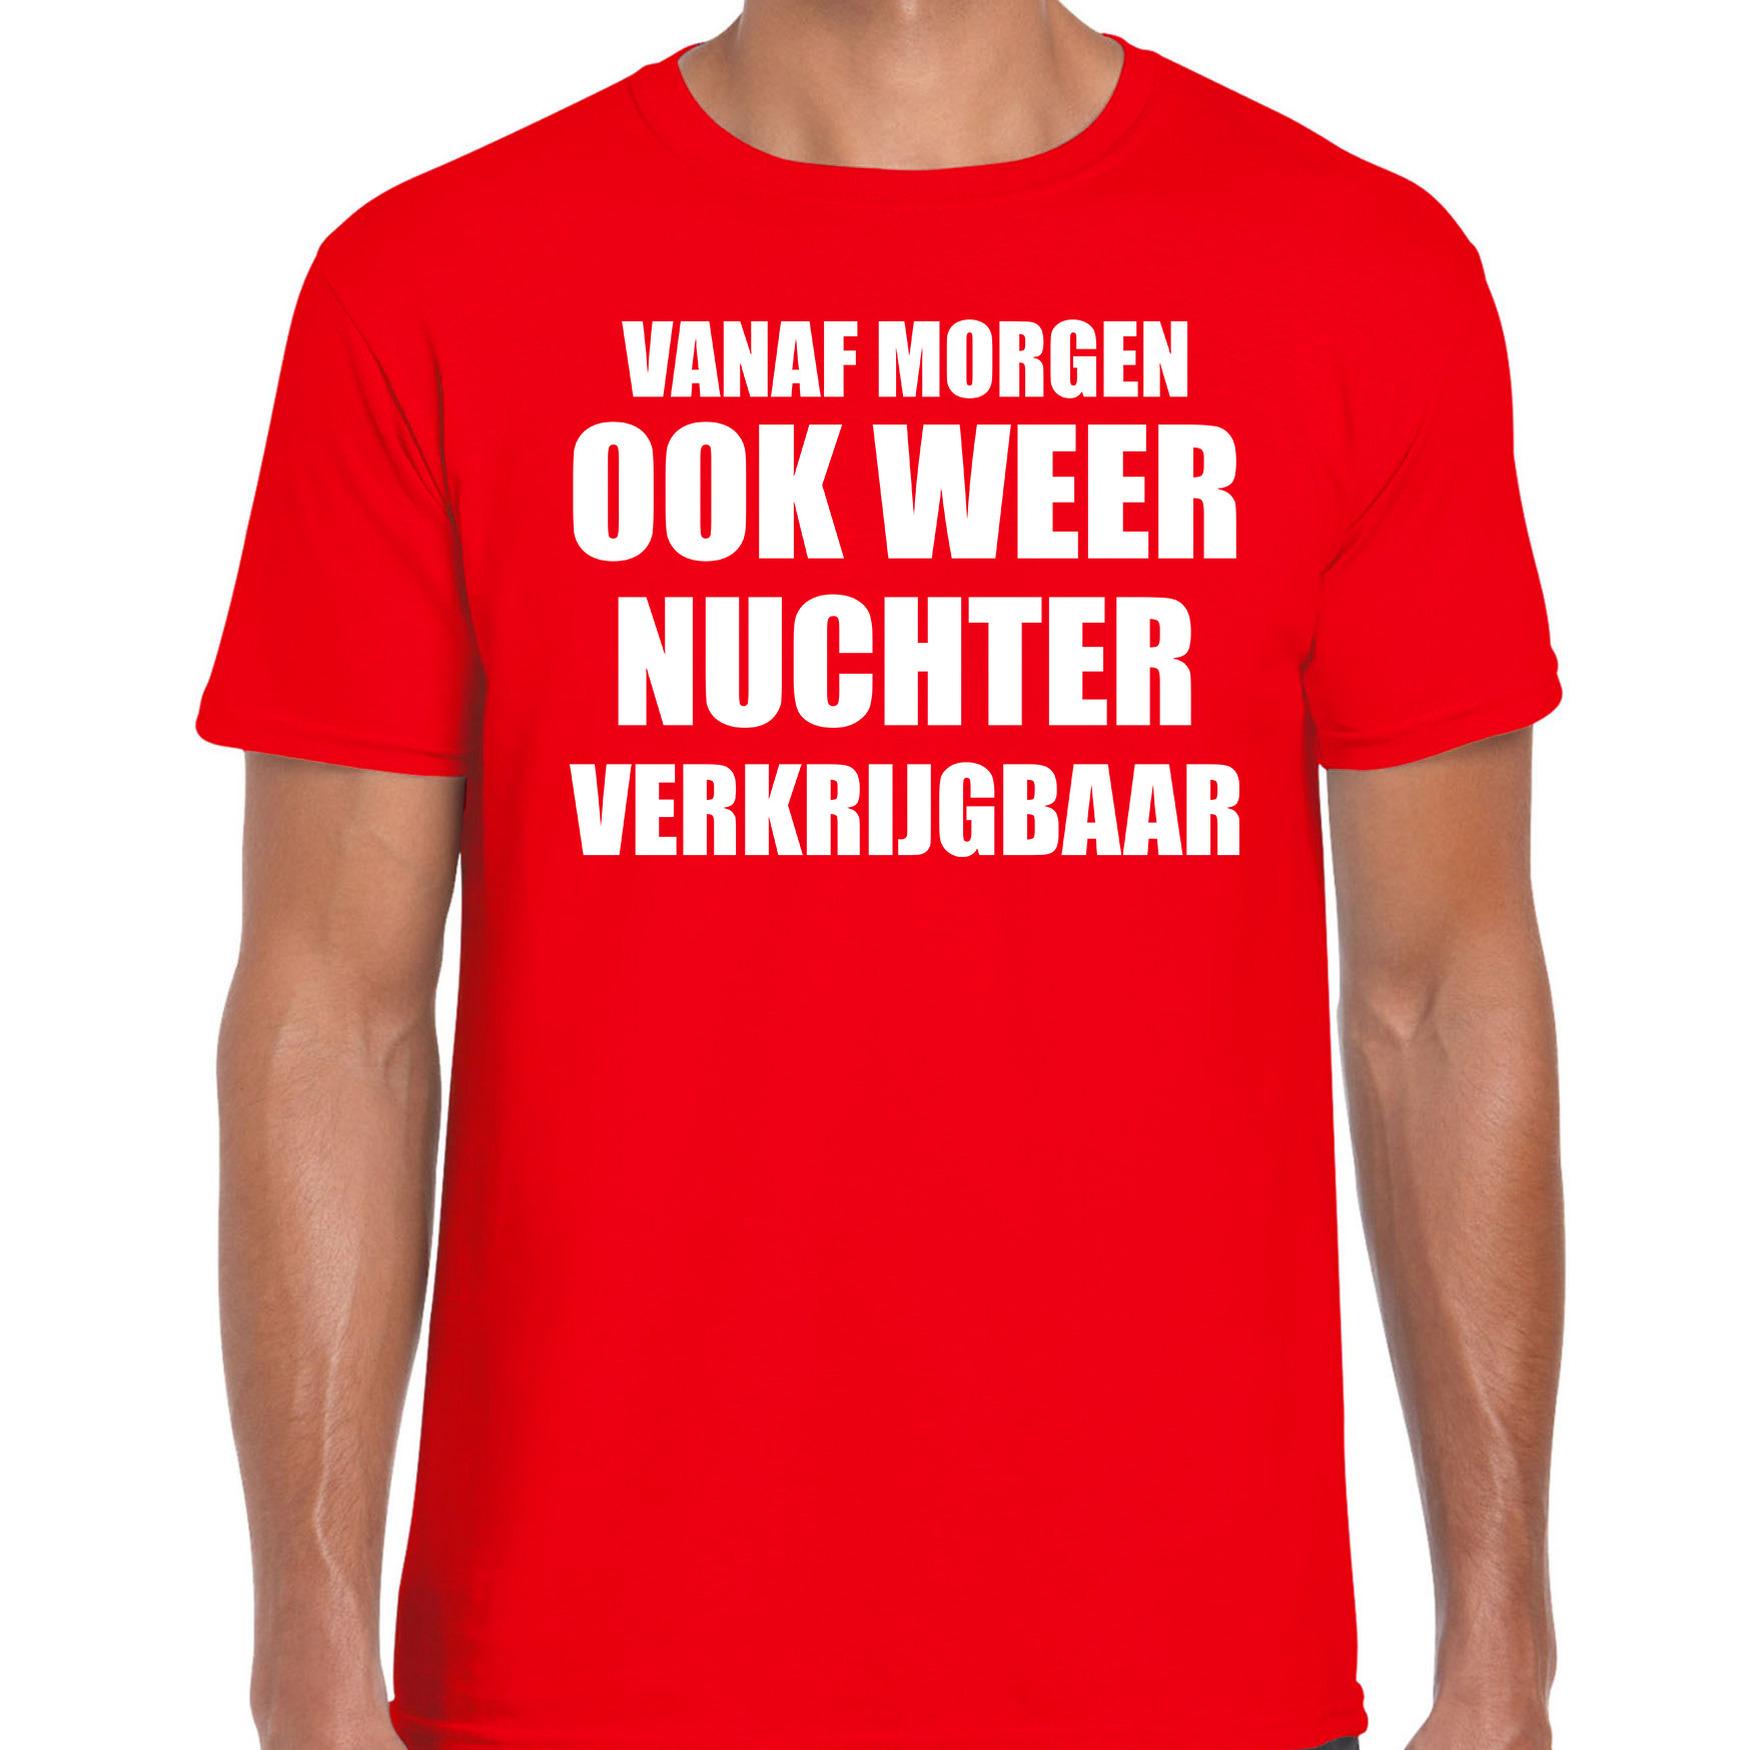 Feest t-shirt morgen nuchter verkrijgbaar rood voor heren XL -